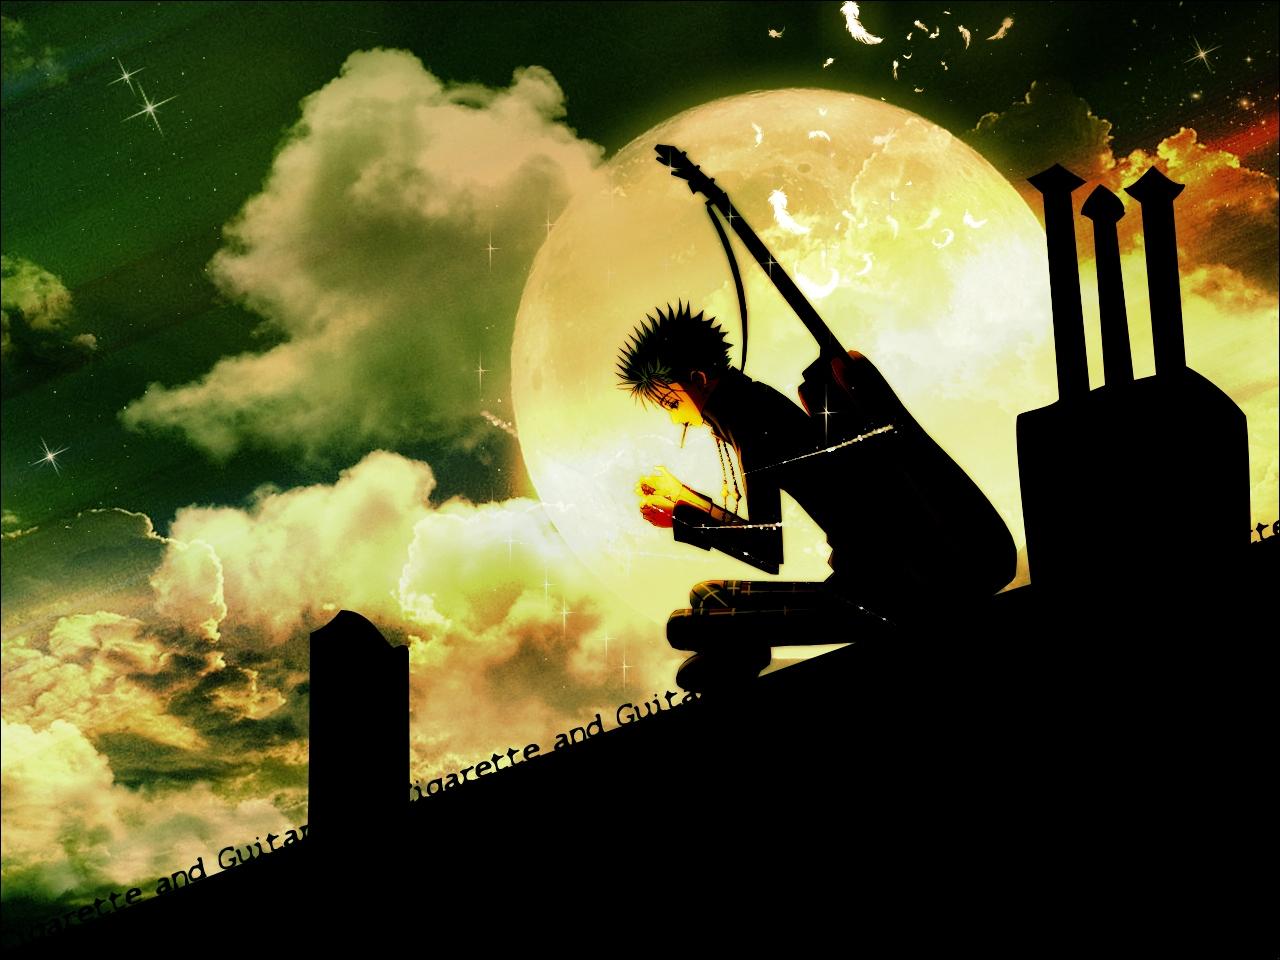 Anime Nana Wallpaper 1280×800   Wide Screen Wallpaper 1080p,2K,4K